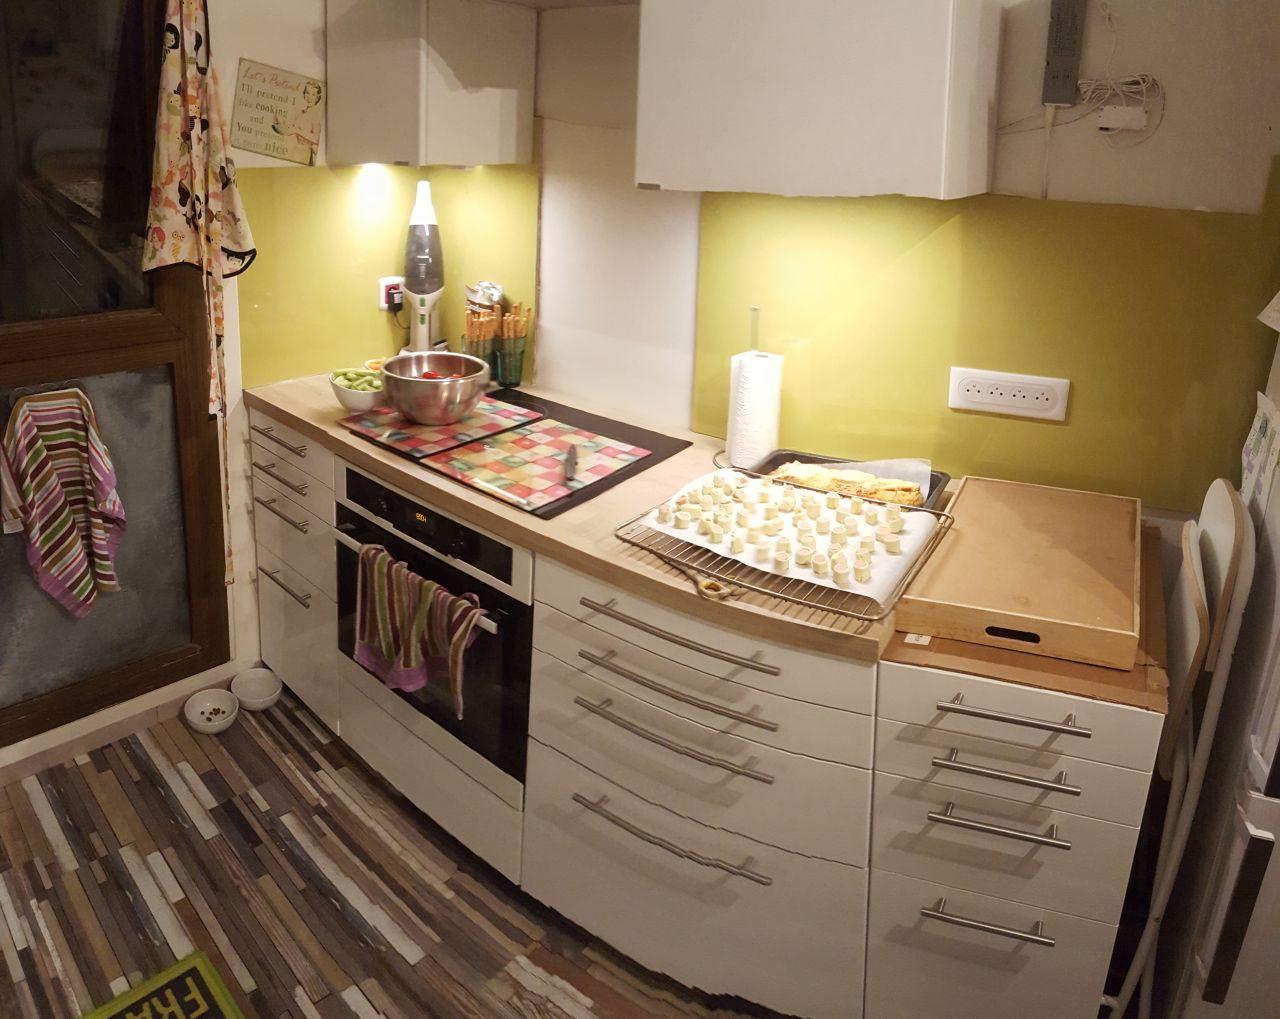 Élargissement de la crédence et pose d'un nouveau meuble à côté du frigo.